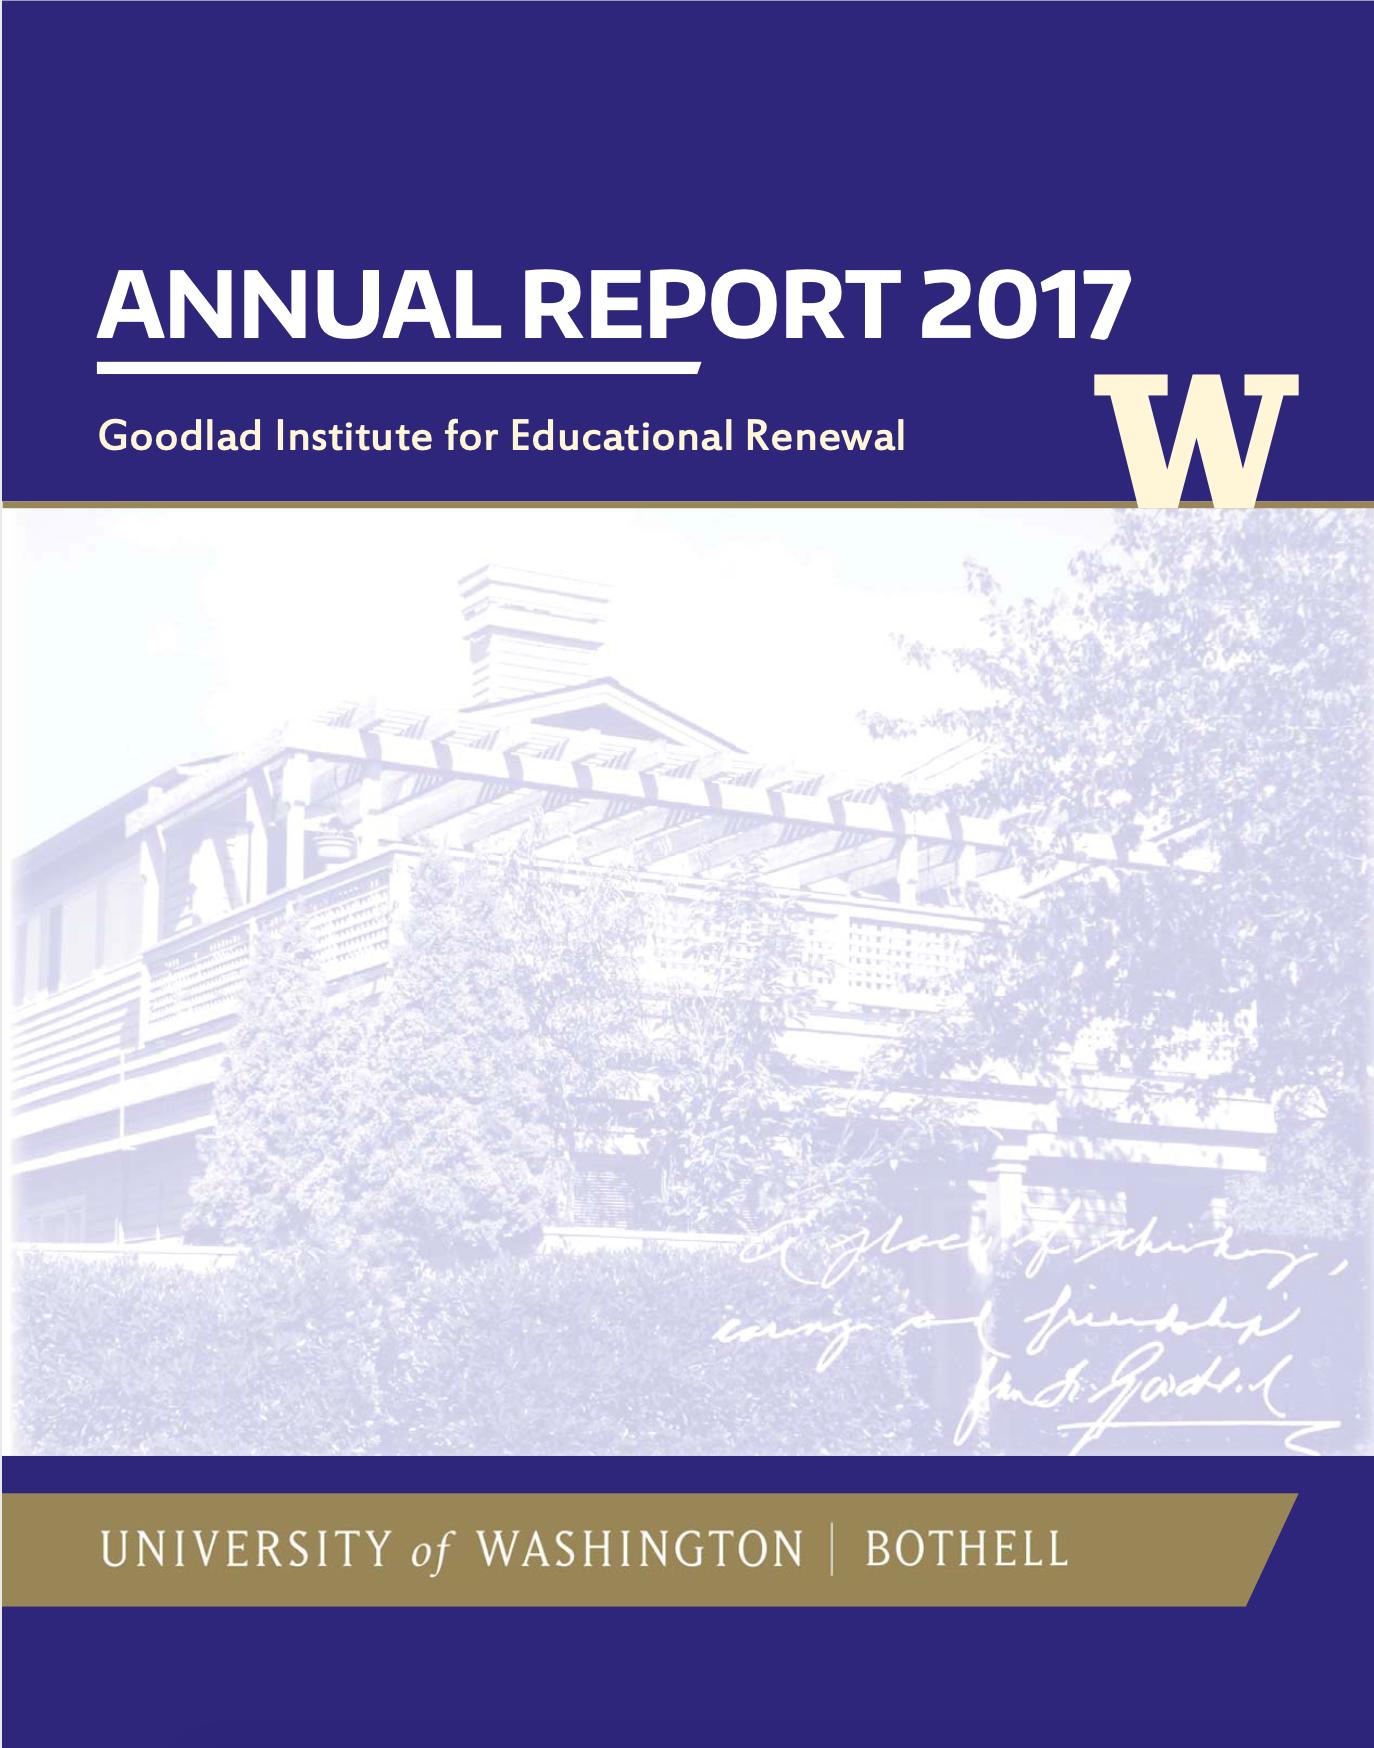 Goodlad Institute Annual Report FY 2016-2017